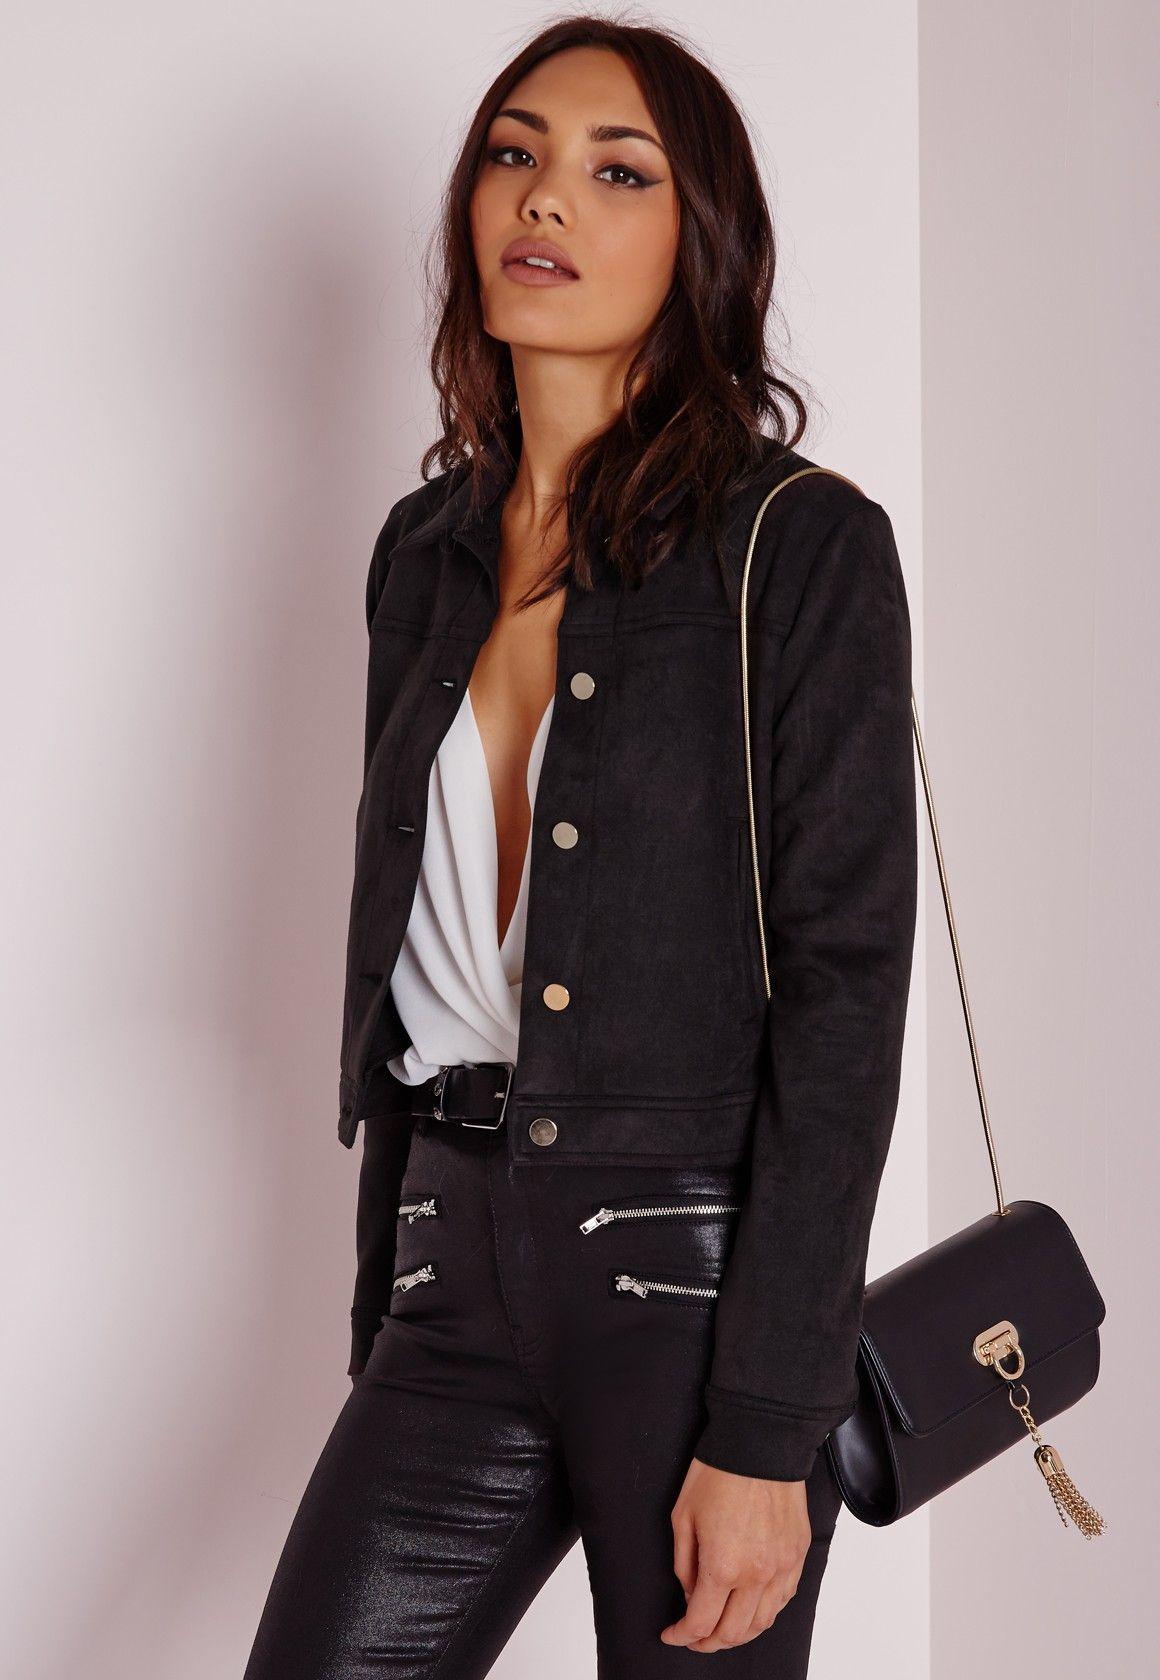 Dorés Dorés Style Missguided Veste Daim Daim Faux Boutons Avec En Noir Rg0H4